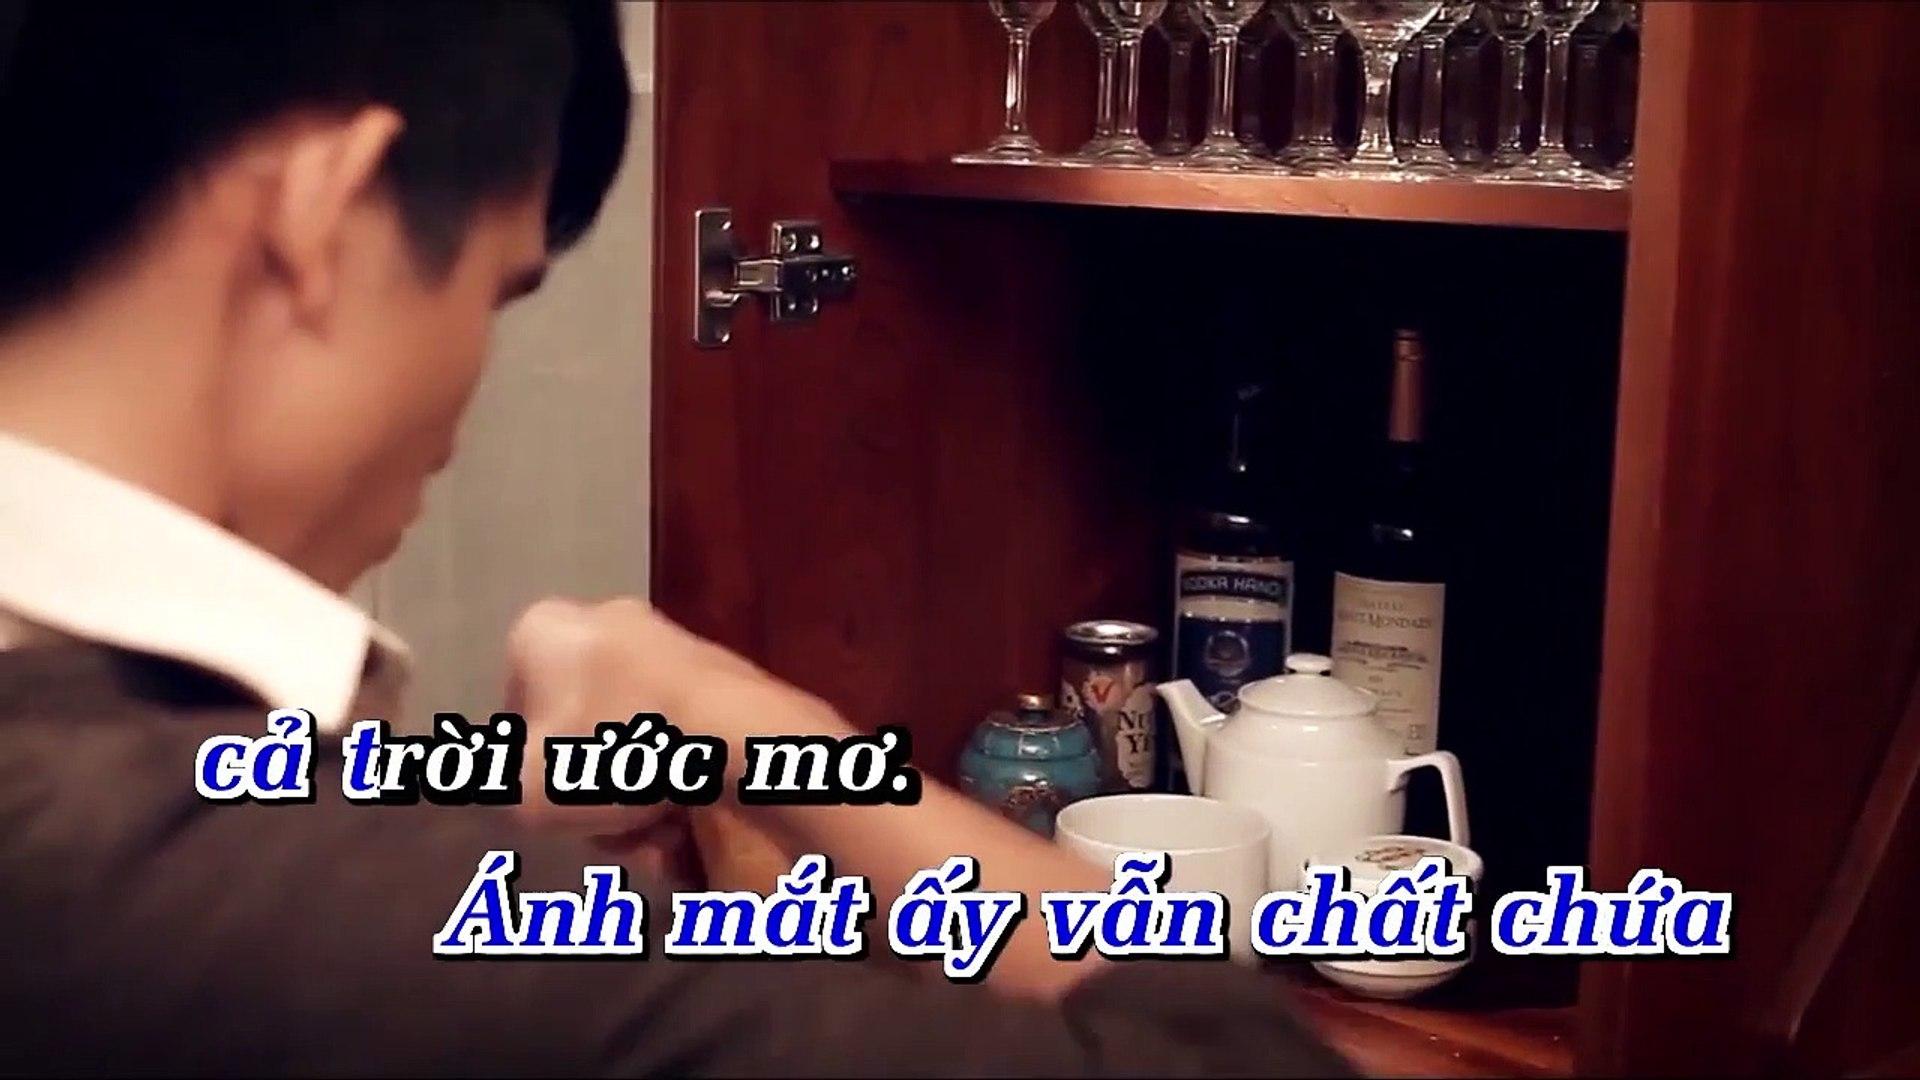 [Karaoke] Mong Manh Tình Về - Quốc Thiên [Beat]